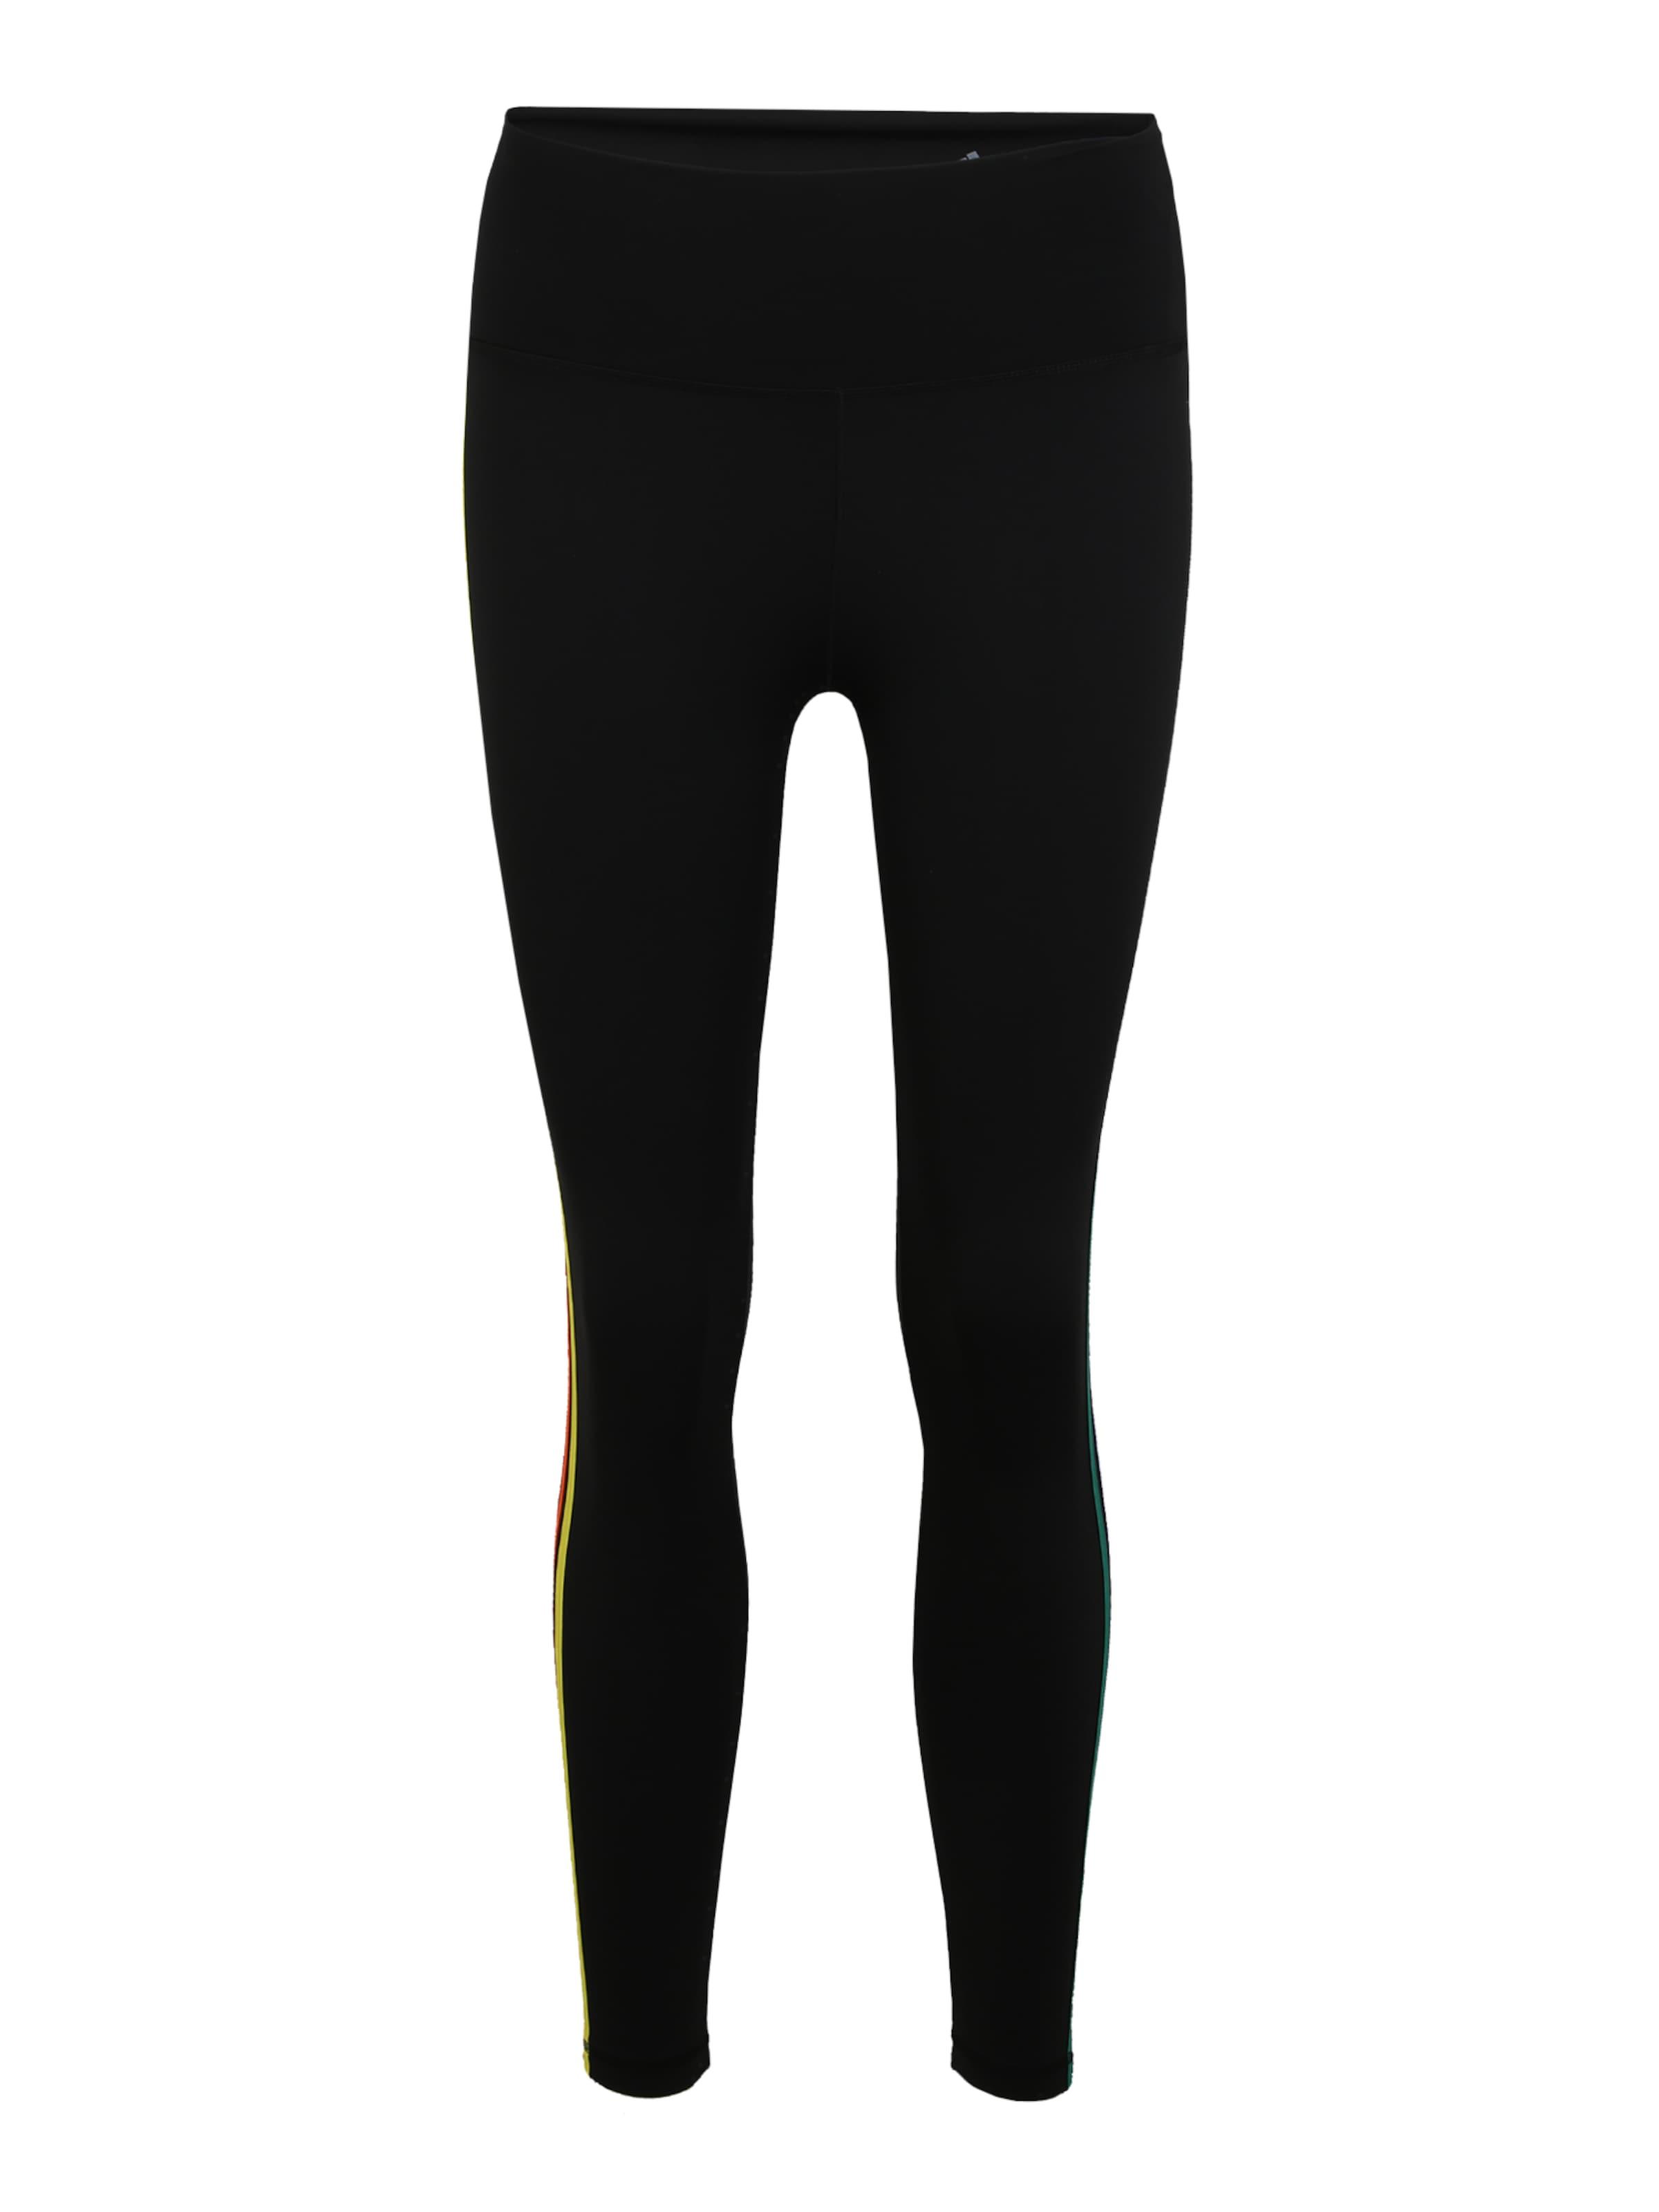 ADIDAS PERFORMANCE Sportnadrágok vegyes színek / fekete színben